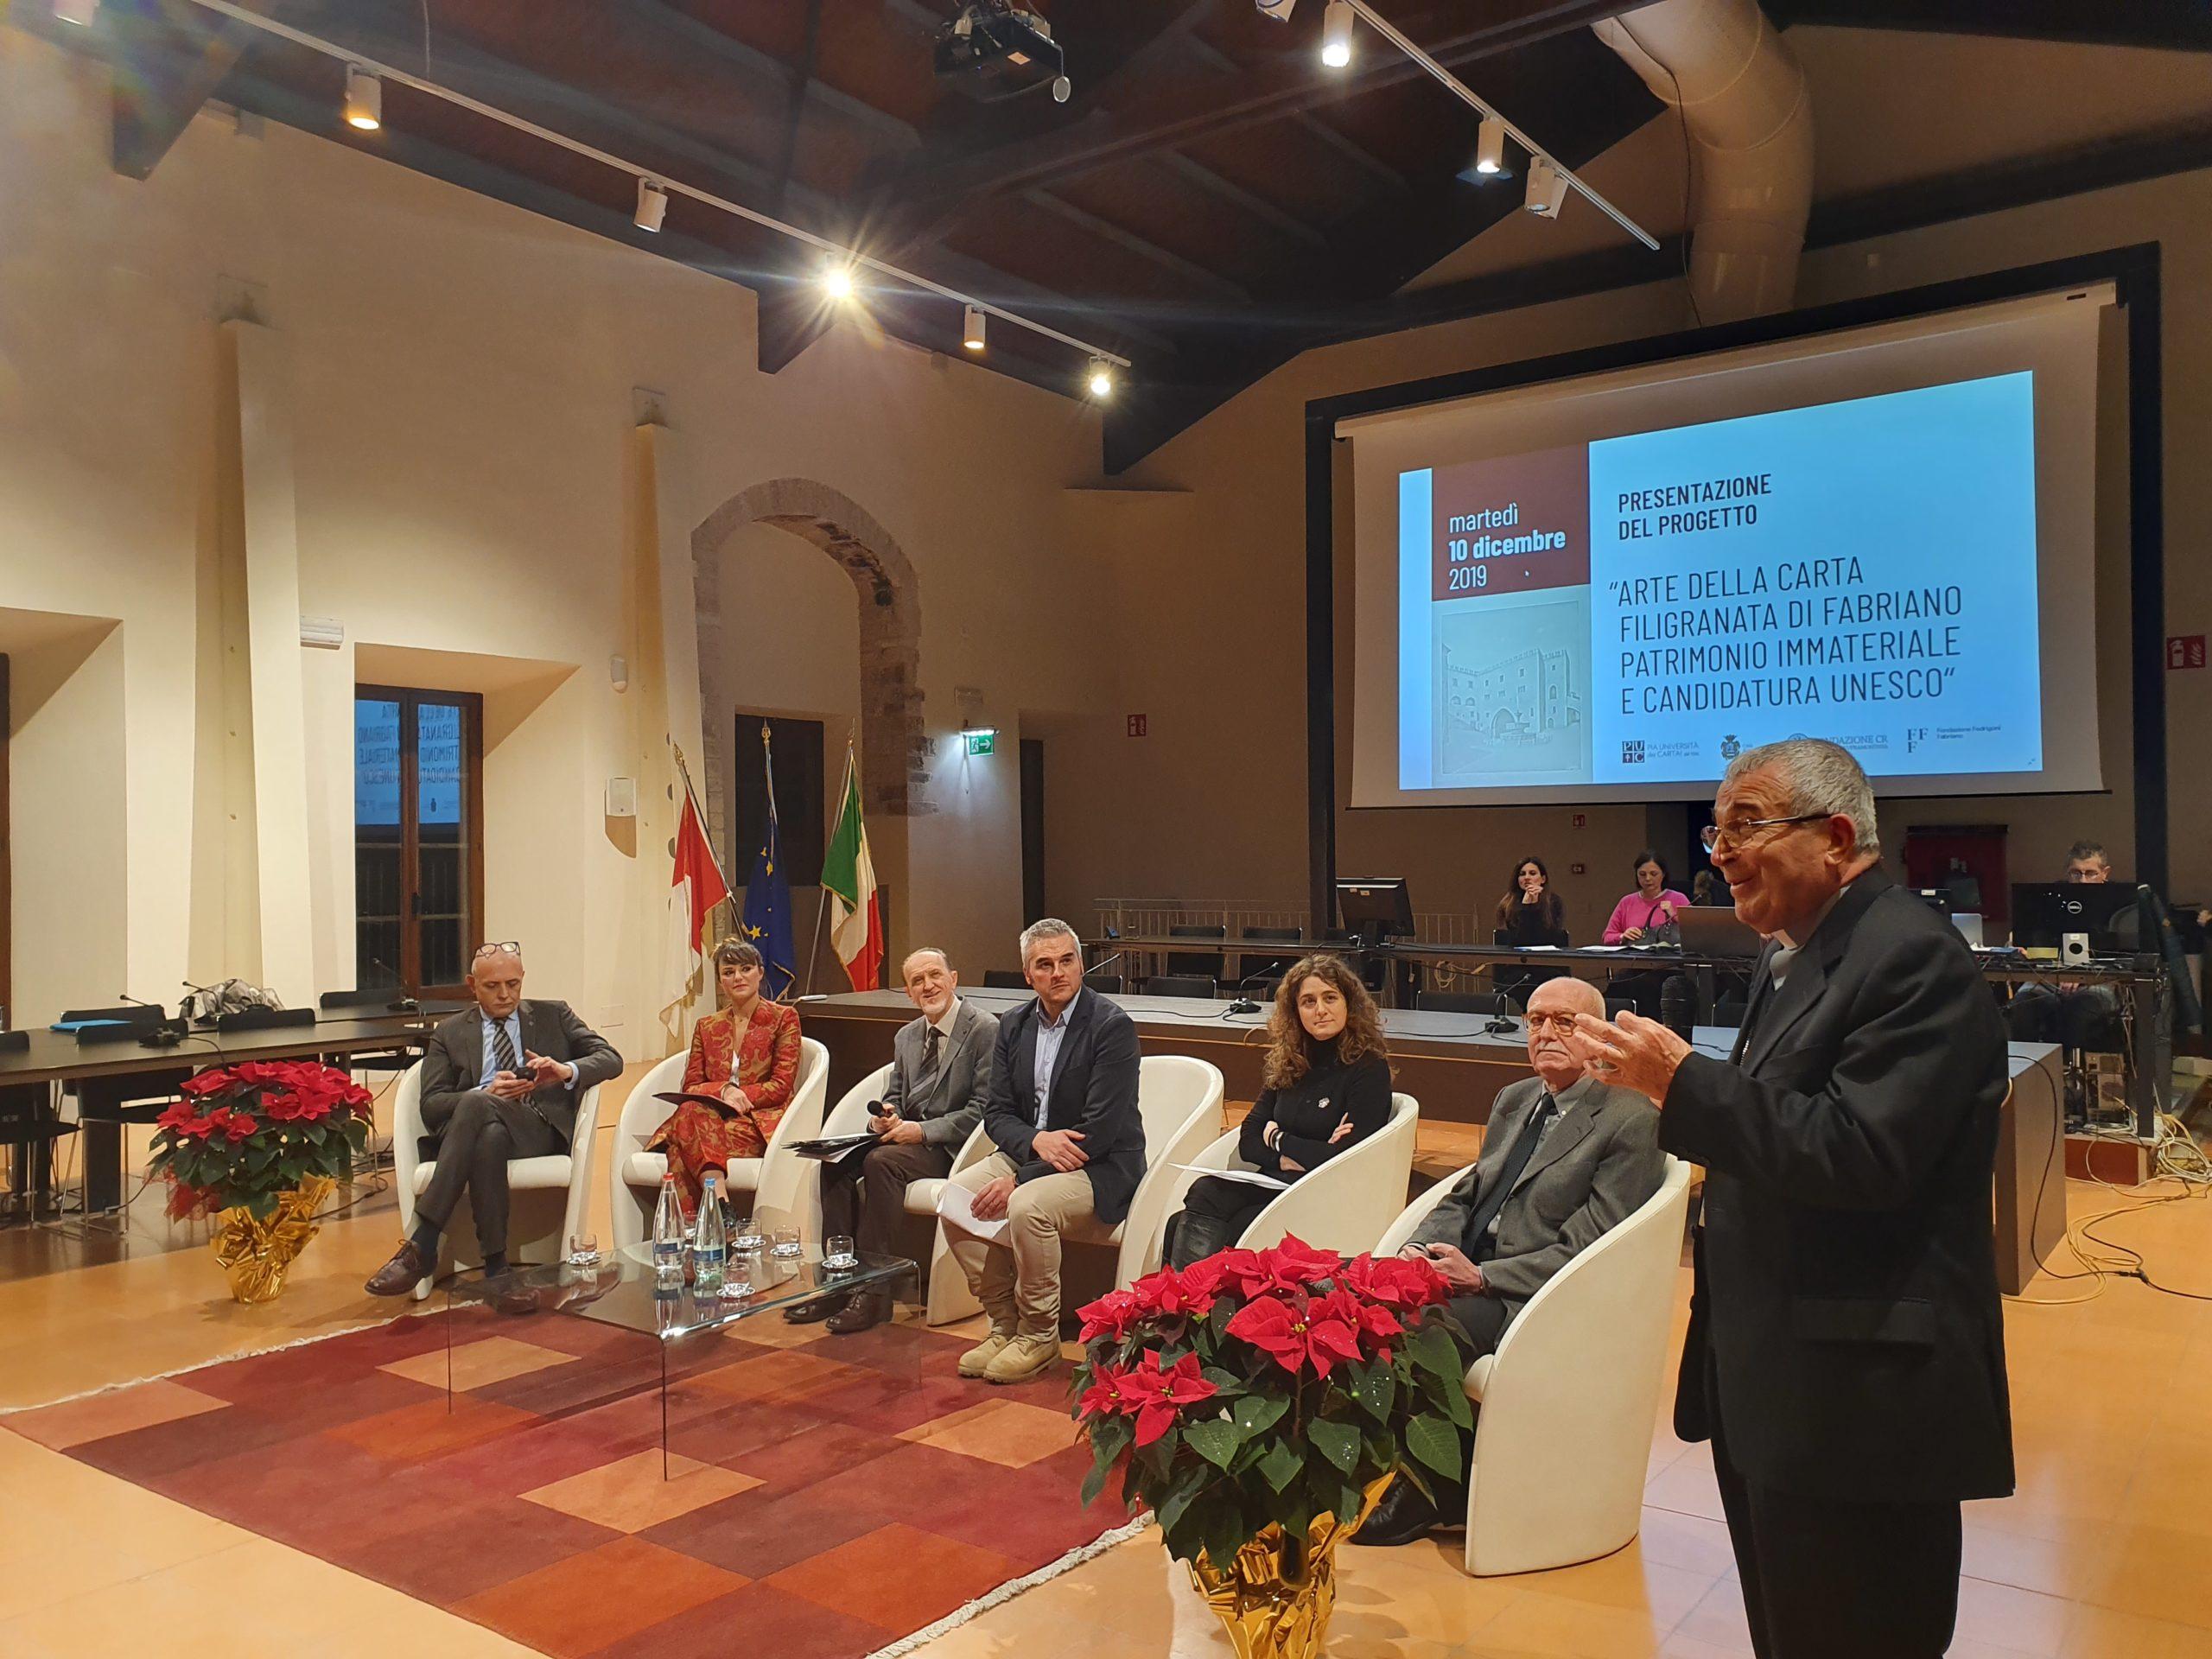 Presentata l'iscrizione dell'Arte della Carta Filigranata di Fabriano nella Lista Rappresentativa del Patrimonio Culturale immateriale dell'Unesco